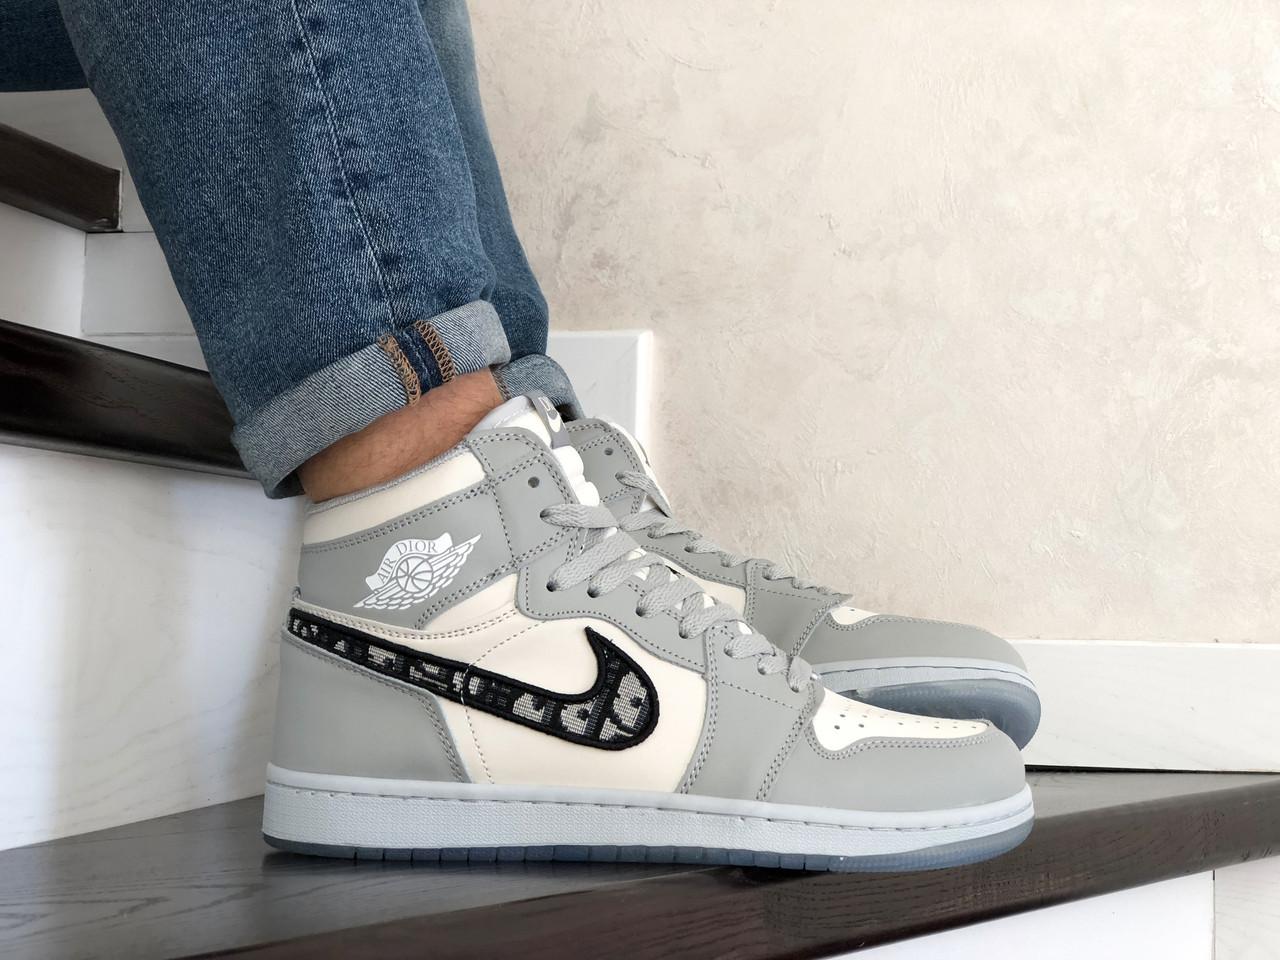 Баскетбольные кроссовки Nike Air Jordan Dior, серые / мужские кроссовки для баскетбола (Топ реплика ААА+)